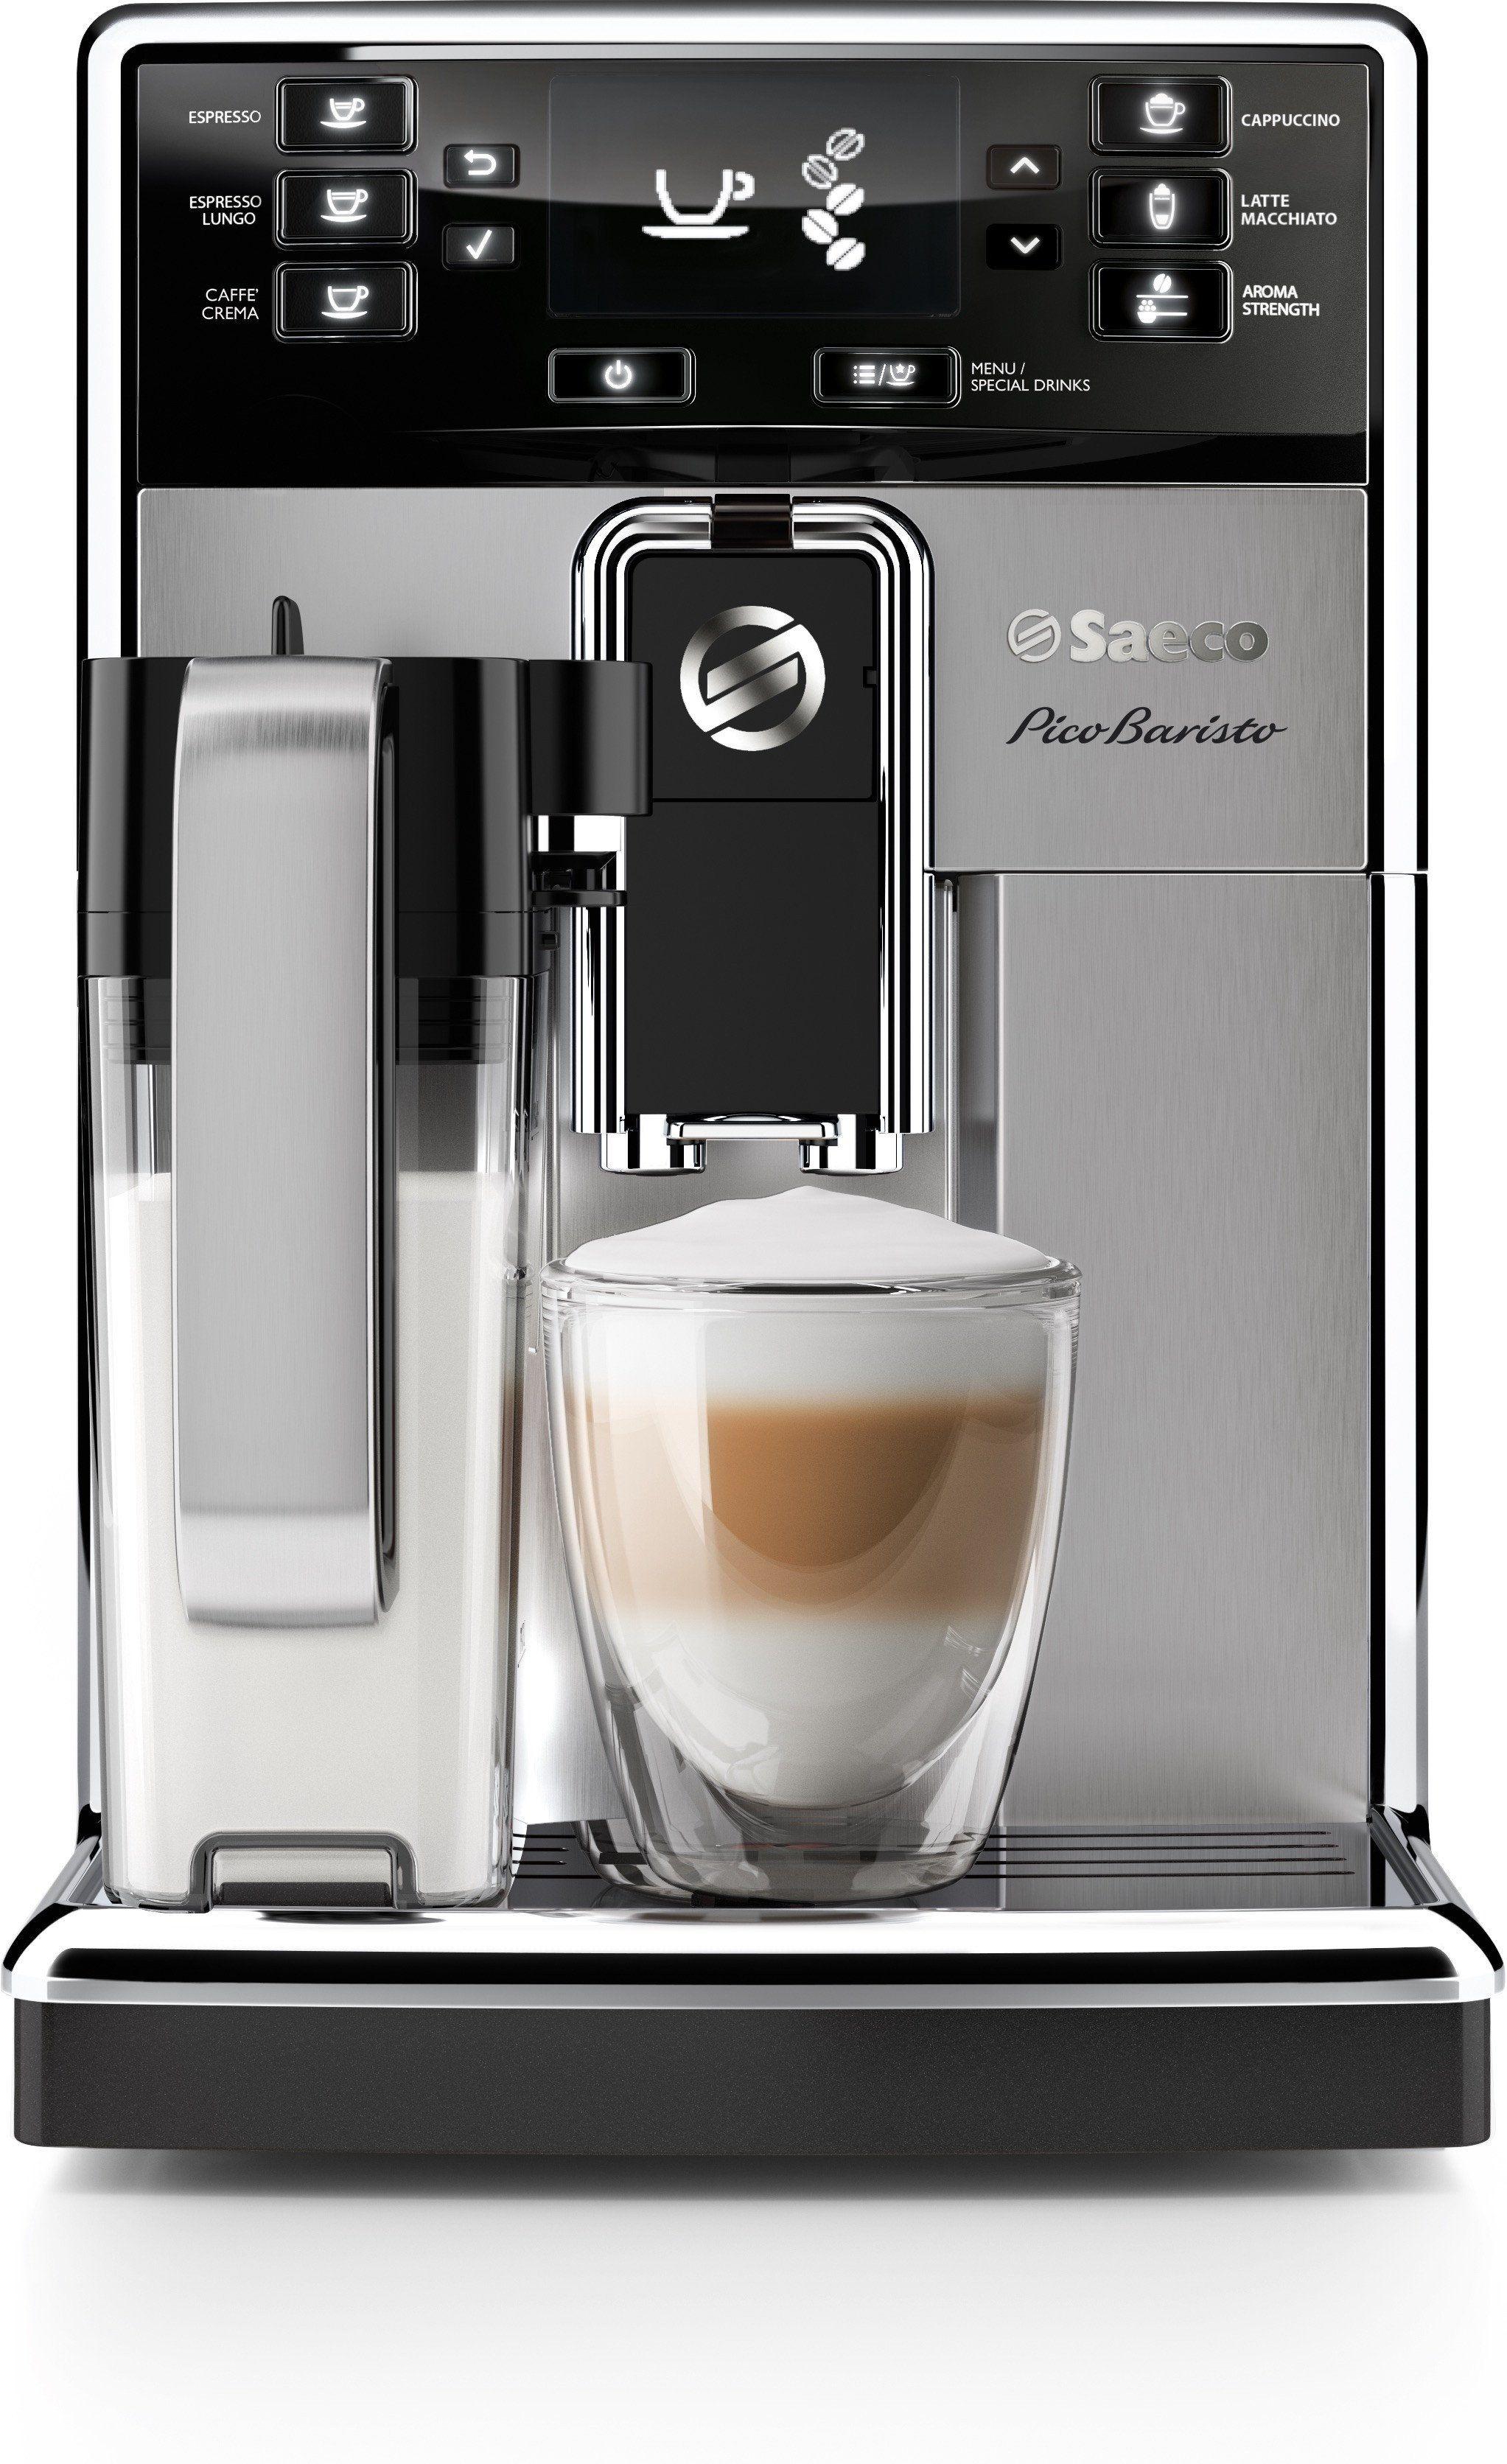 Refurbished Saeco PicoBaristo e Touch Cappuccino HD8927 47